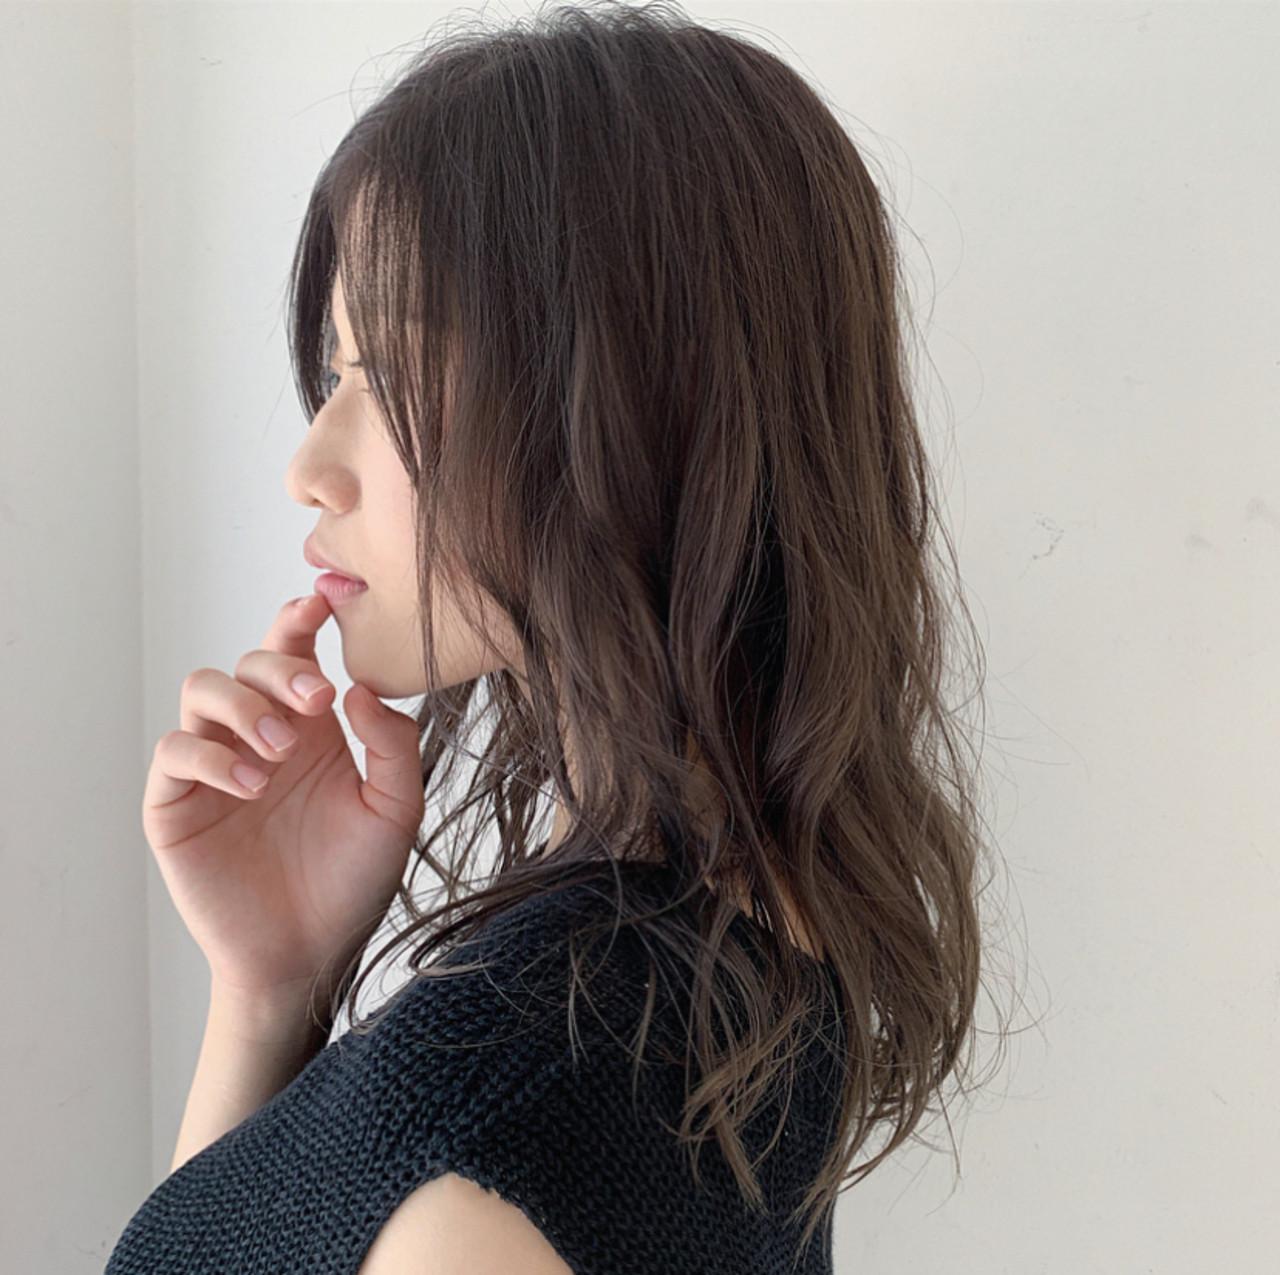 セミロング デート ナチュラル 大人ヘアスタイル ヘアスタイルや髪型の写真・画像 | 透明感セミロング/Hiroyuki_Kihara / Direction